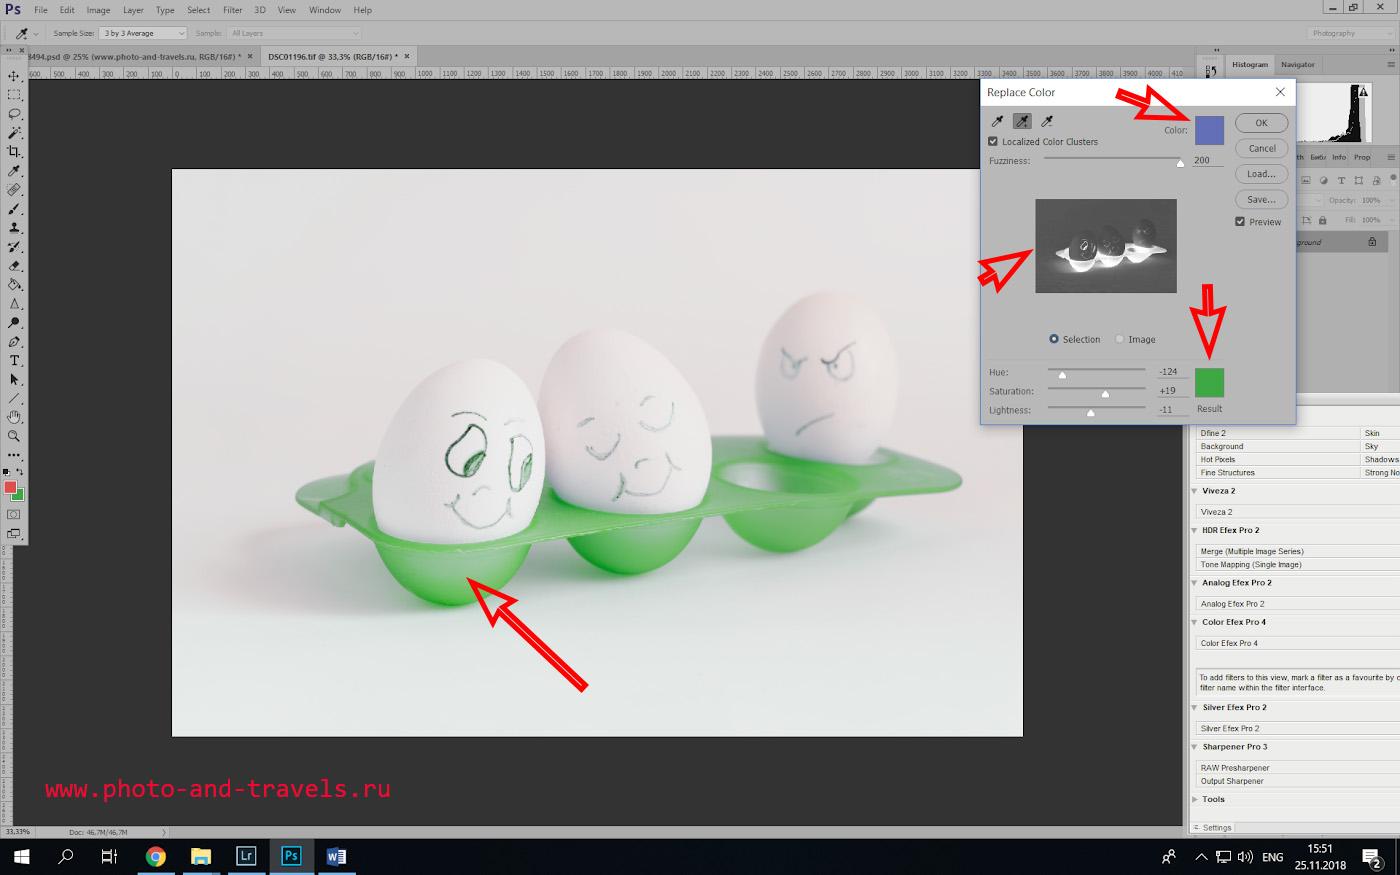 Фото 23. Пример замены цвета на объекте в «Фотошопе» с помощью функции «Replace Color».